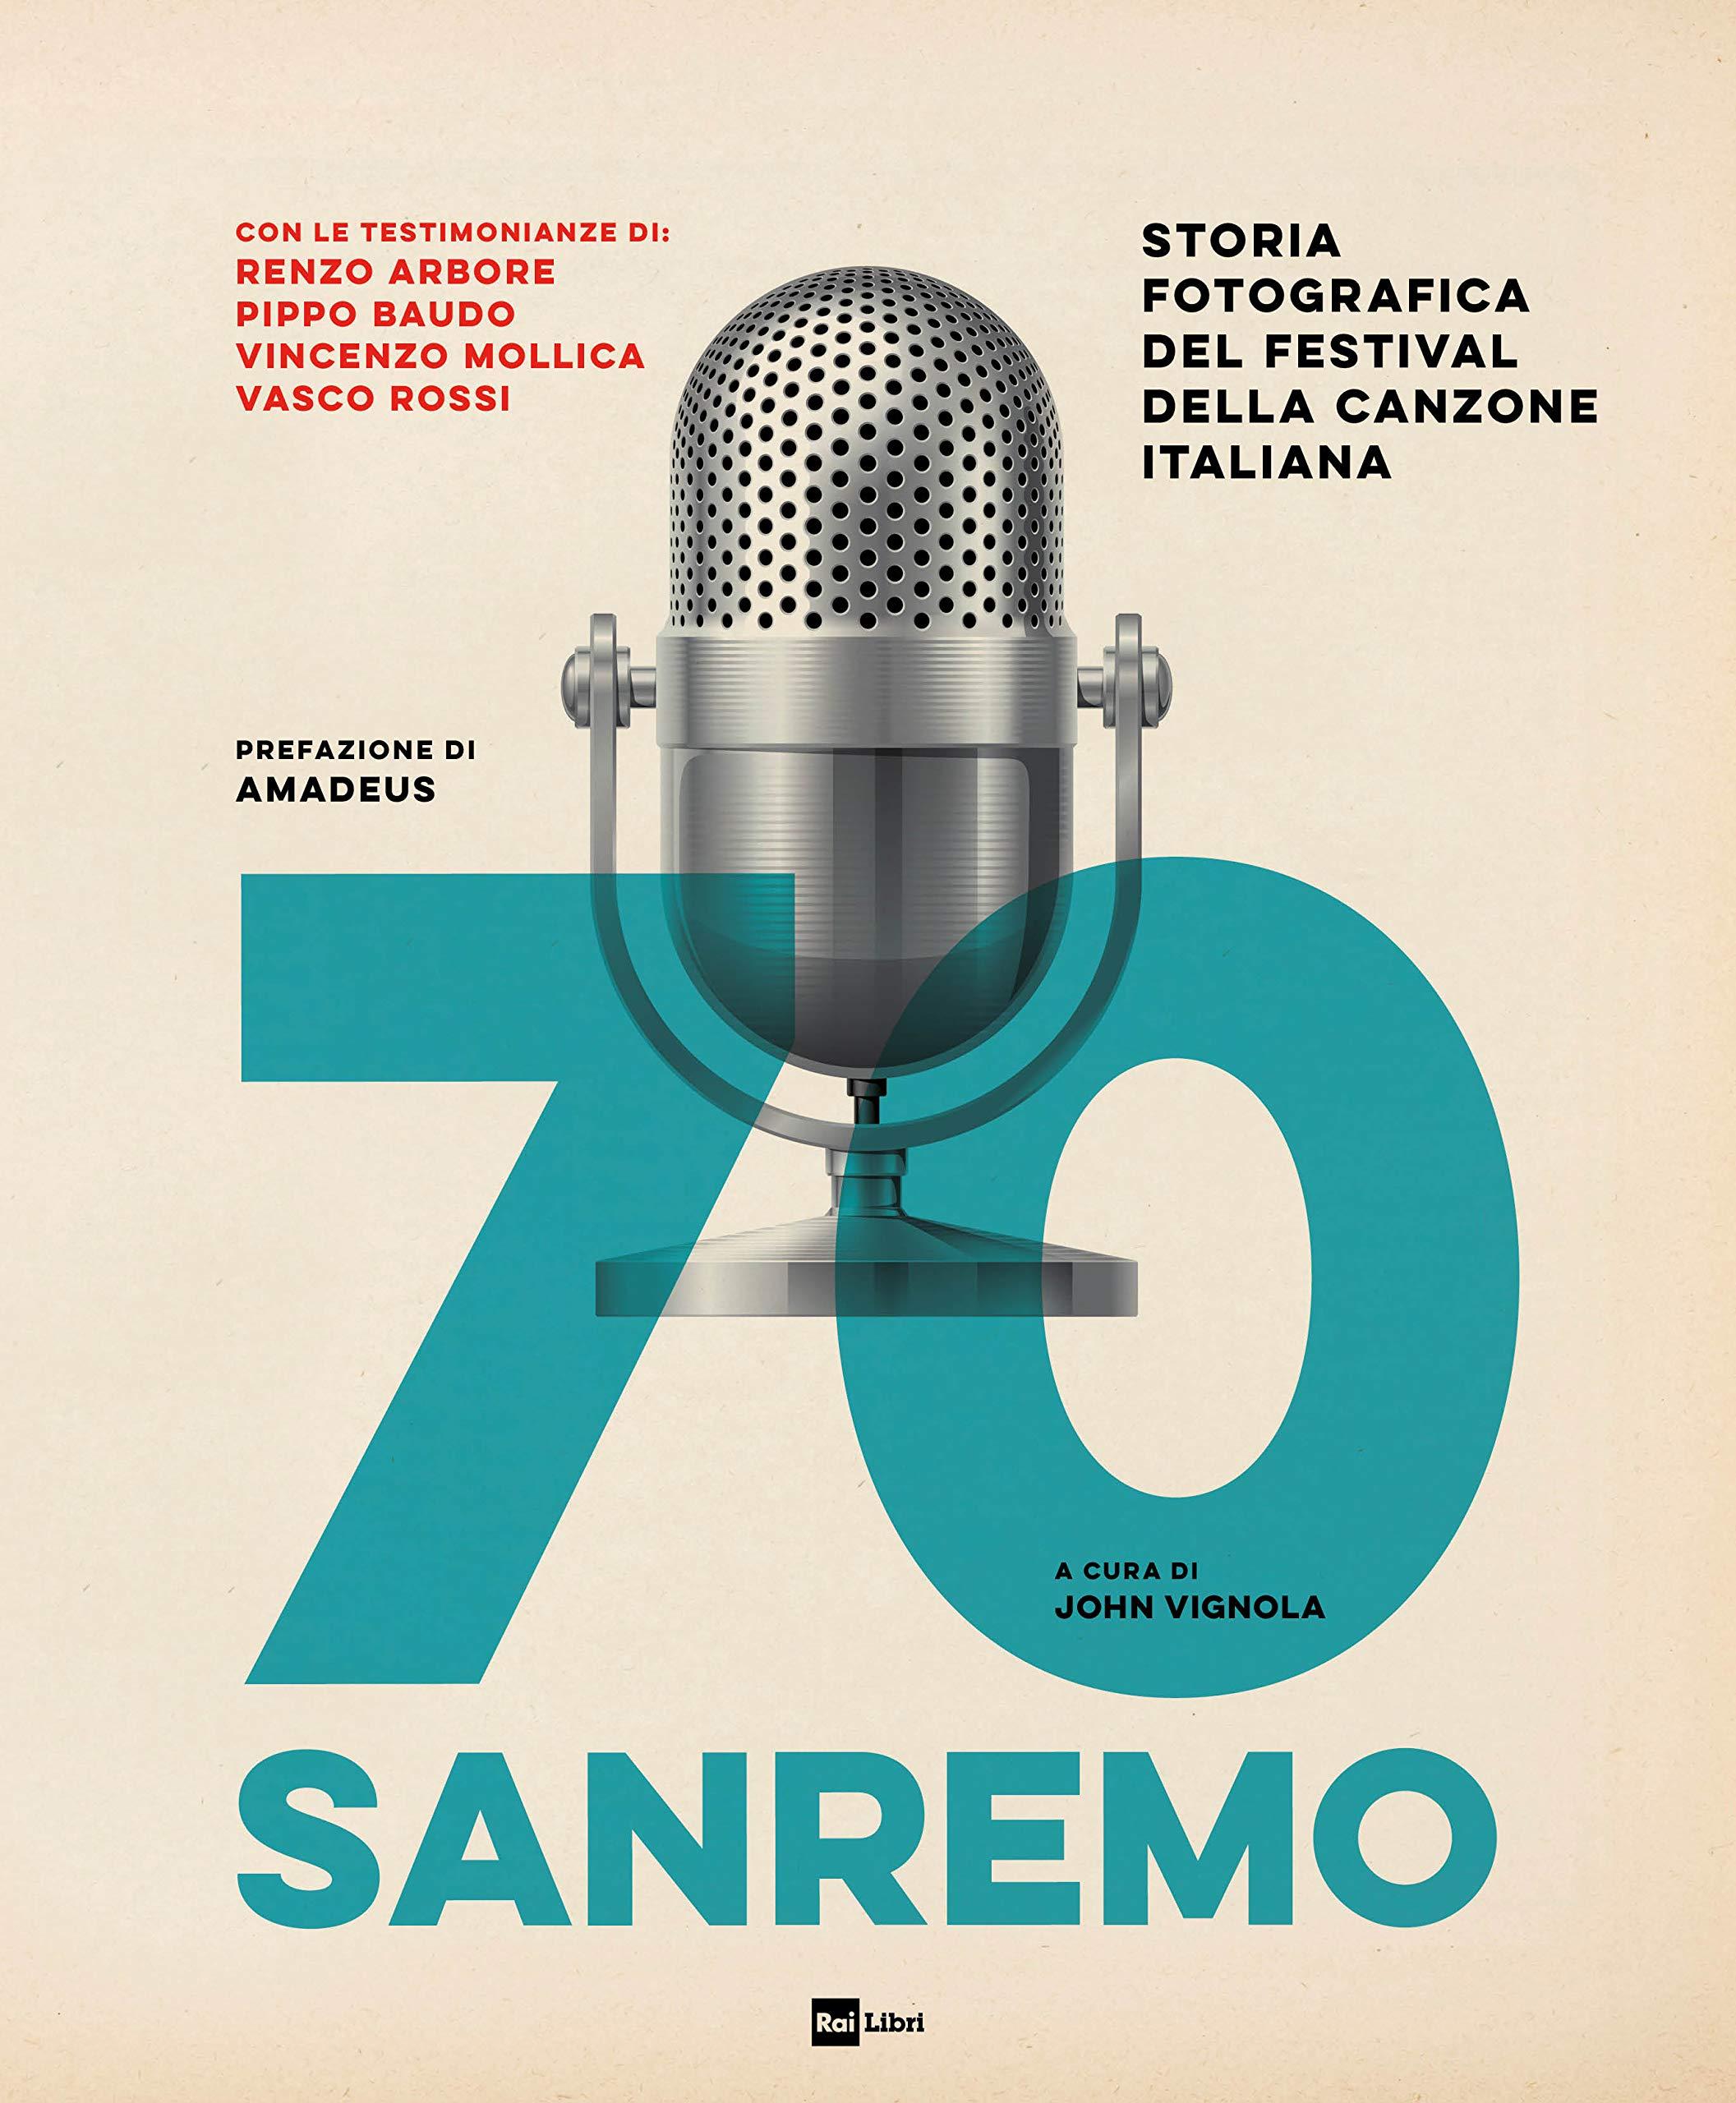 70 Sanremo. Storia fotografica del festival della canzone italiana. Ediz.  illustrata: Amazon.it: Vignola, John, Amadeus: Libri